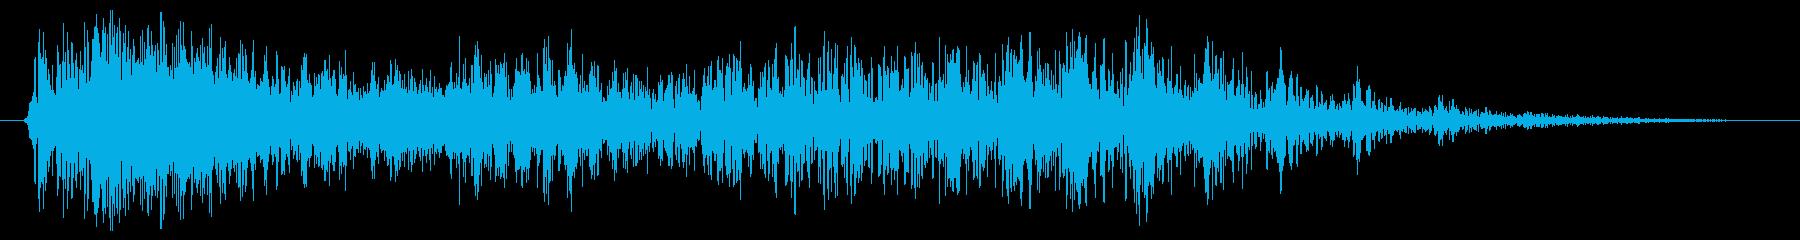 宇宙プラズマ:爆発的バーストの再生済みの波形